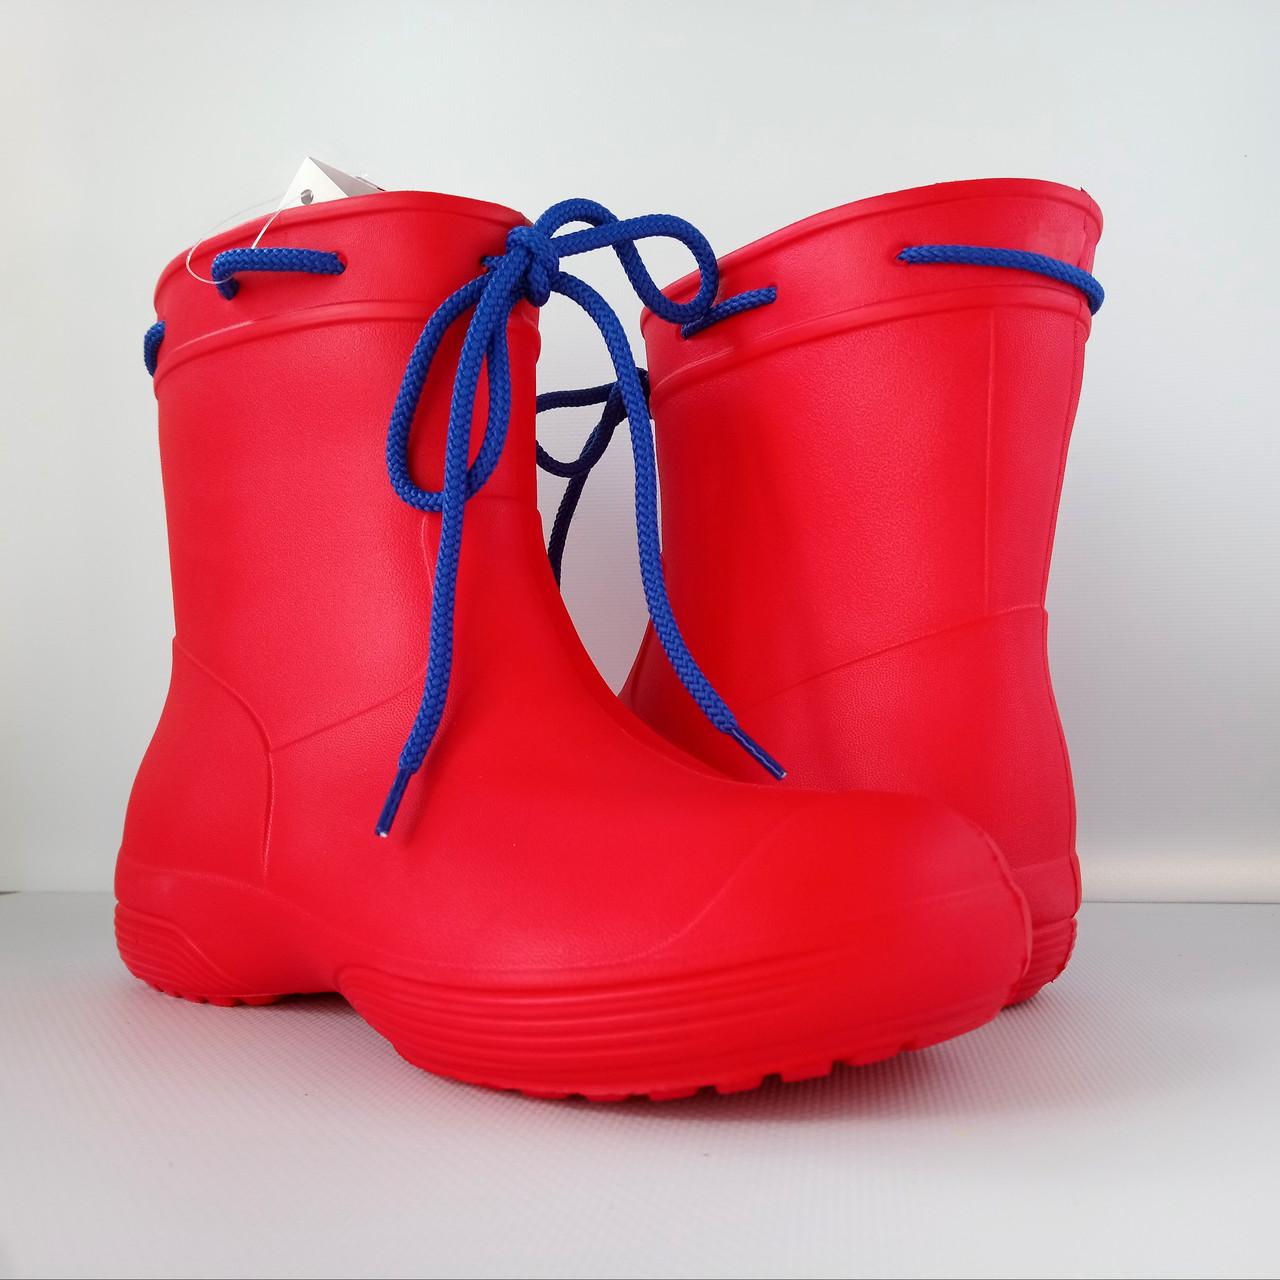 Аналог Crocs, красные сапоги на слякоть и дождь р. 36,37,38, 39, 40, 41. Резиновые сапоги.